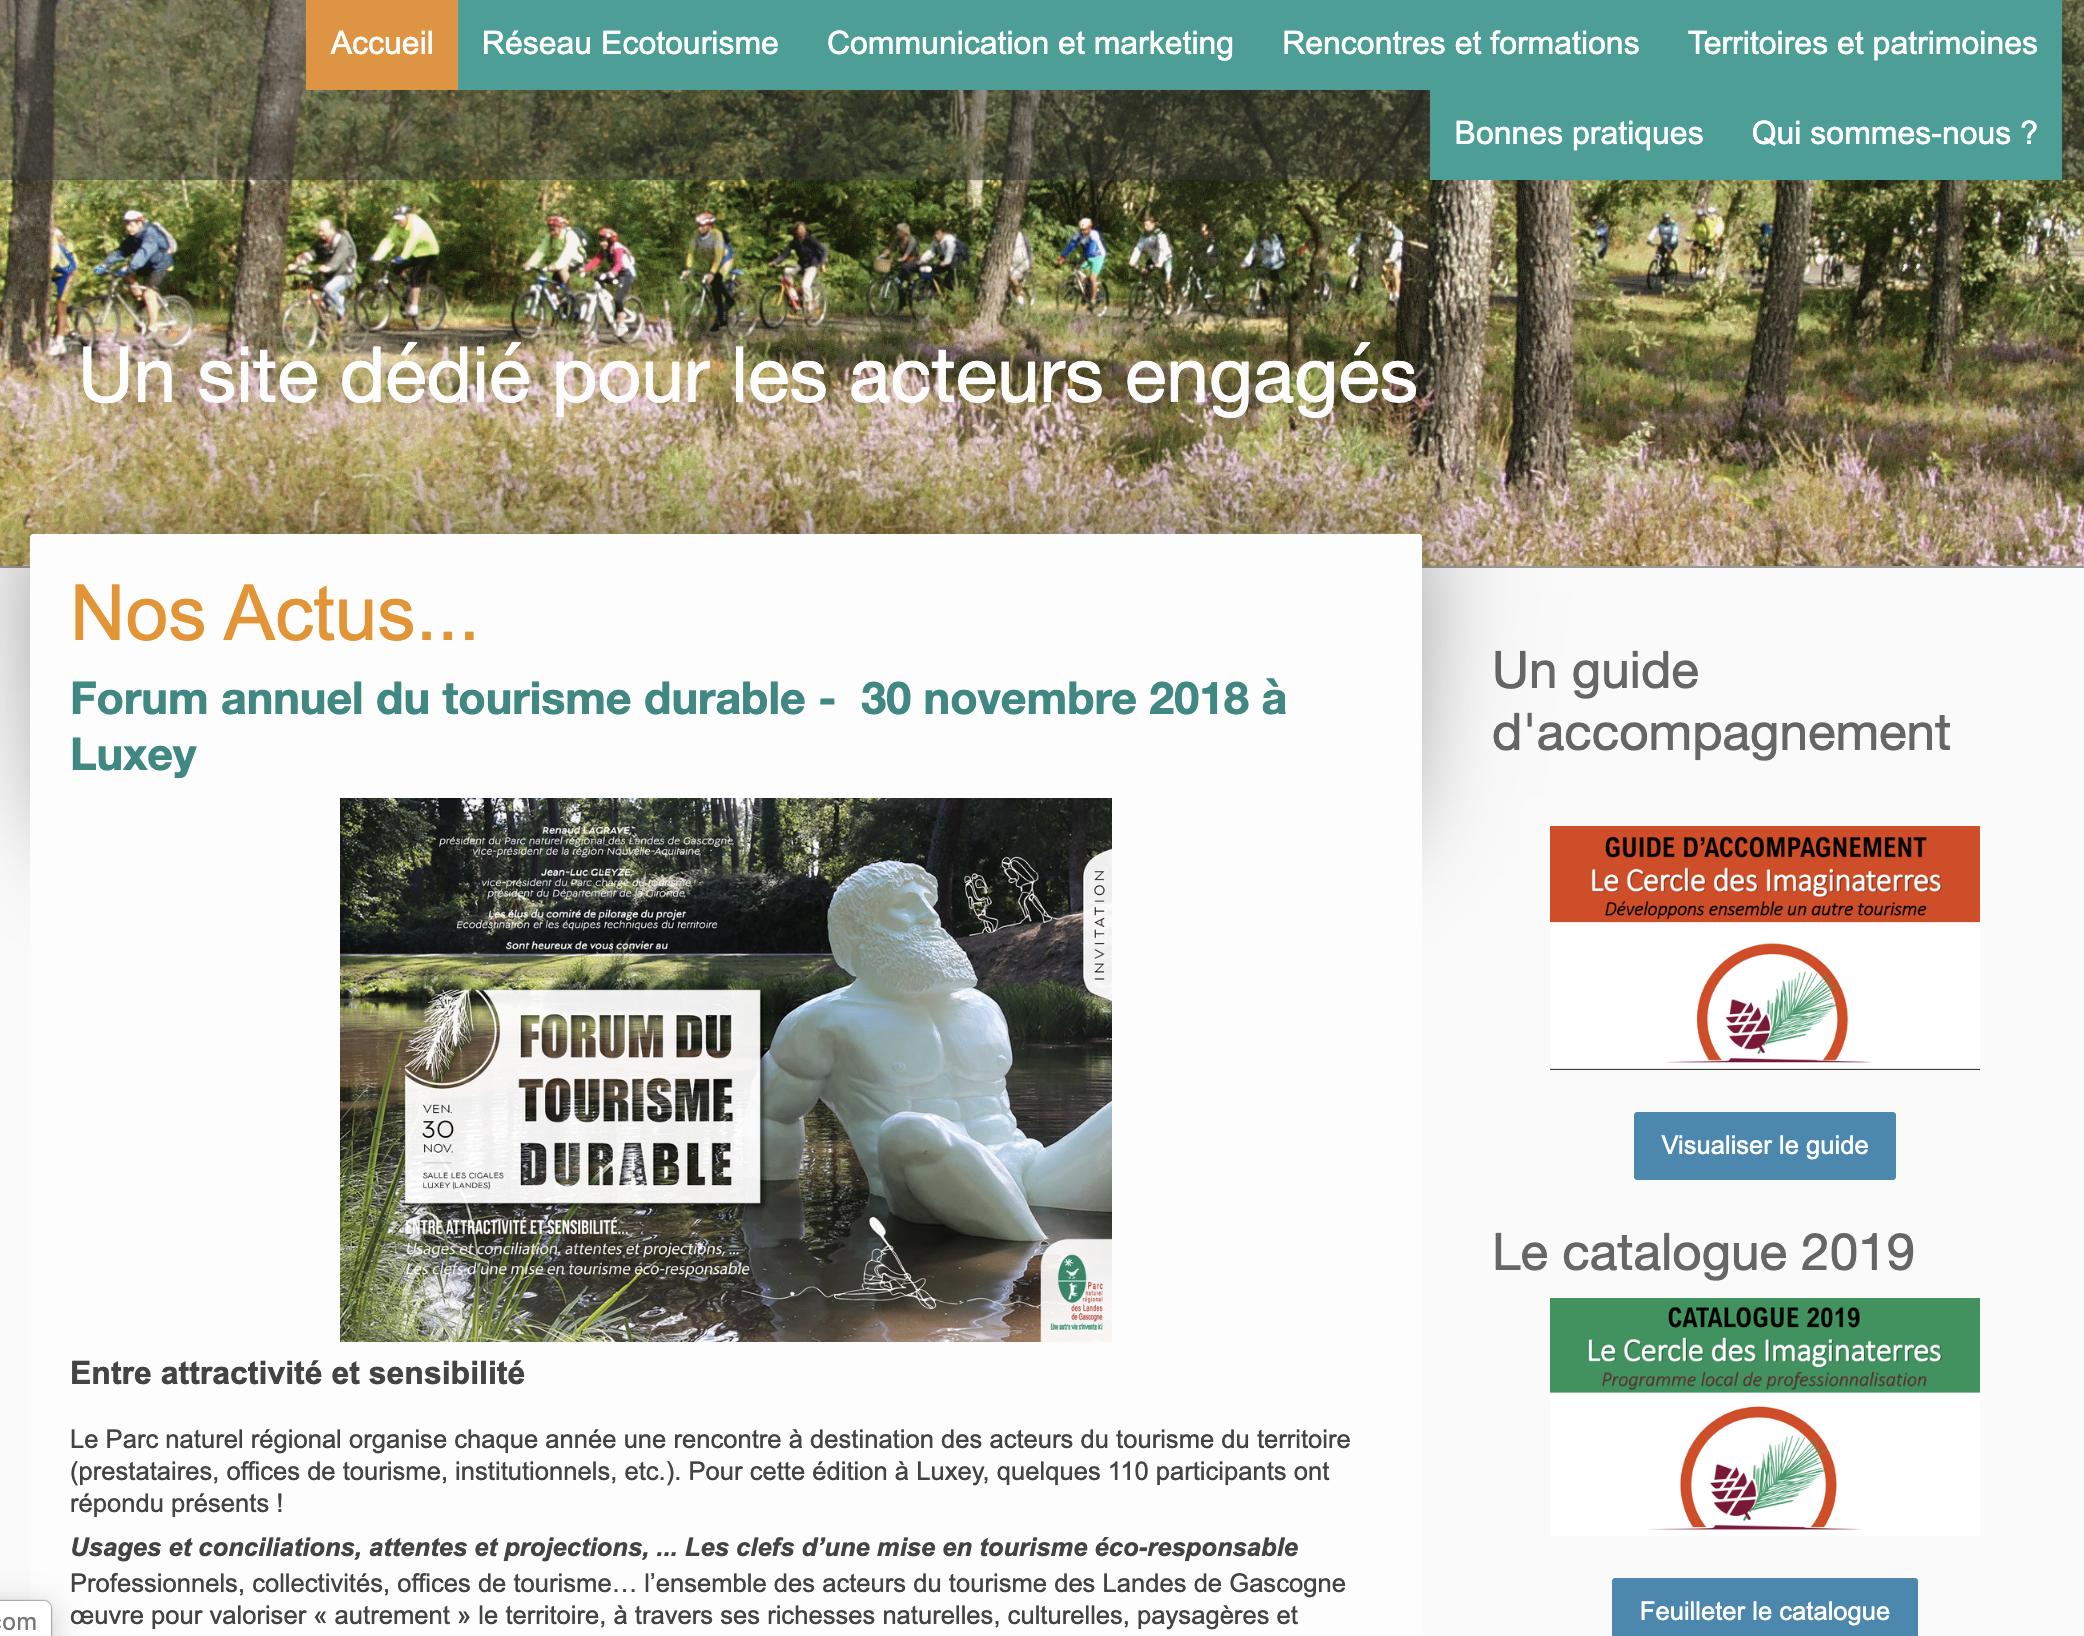 https://ecotourismepro.jimdofree.com/